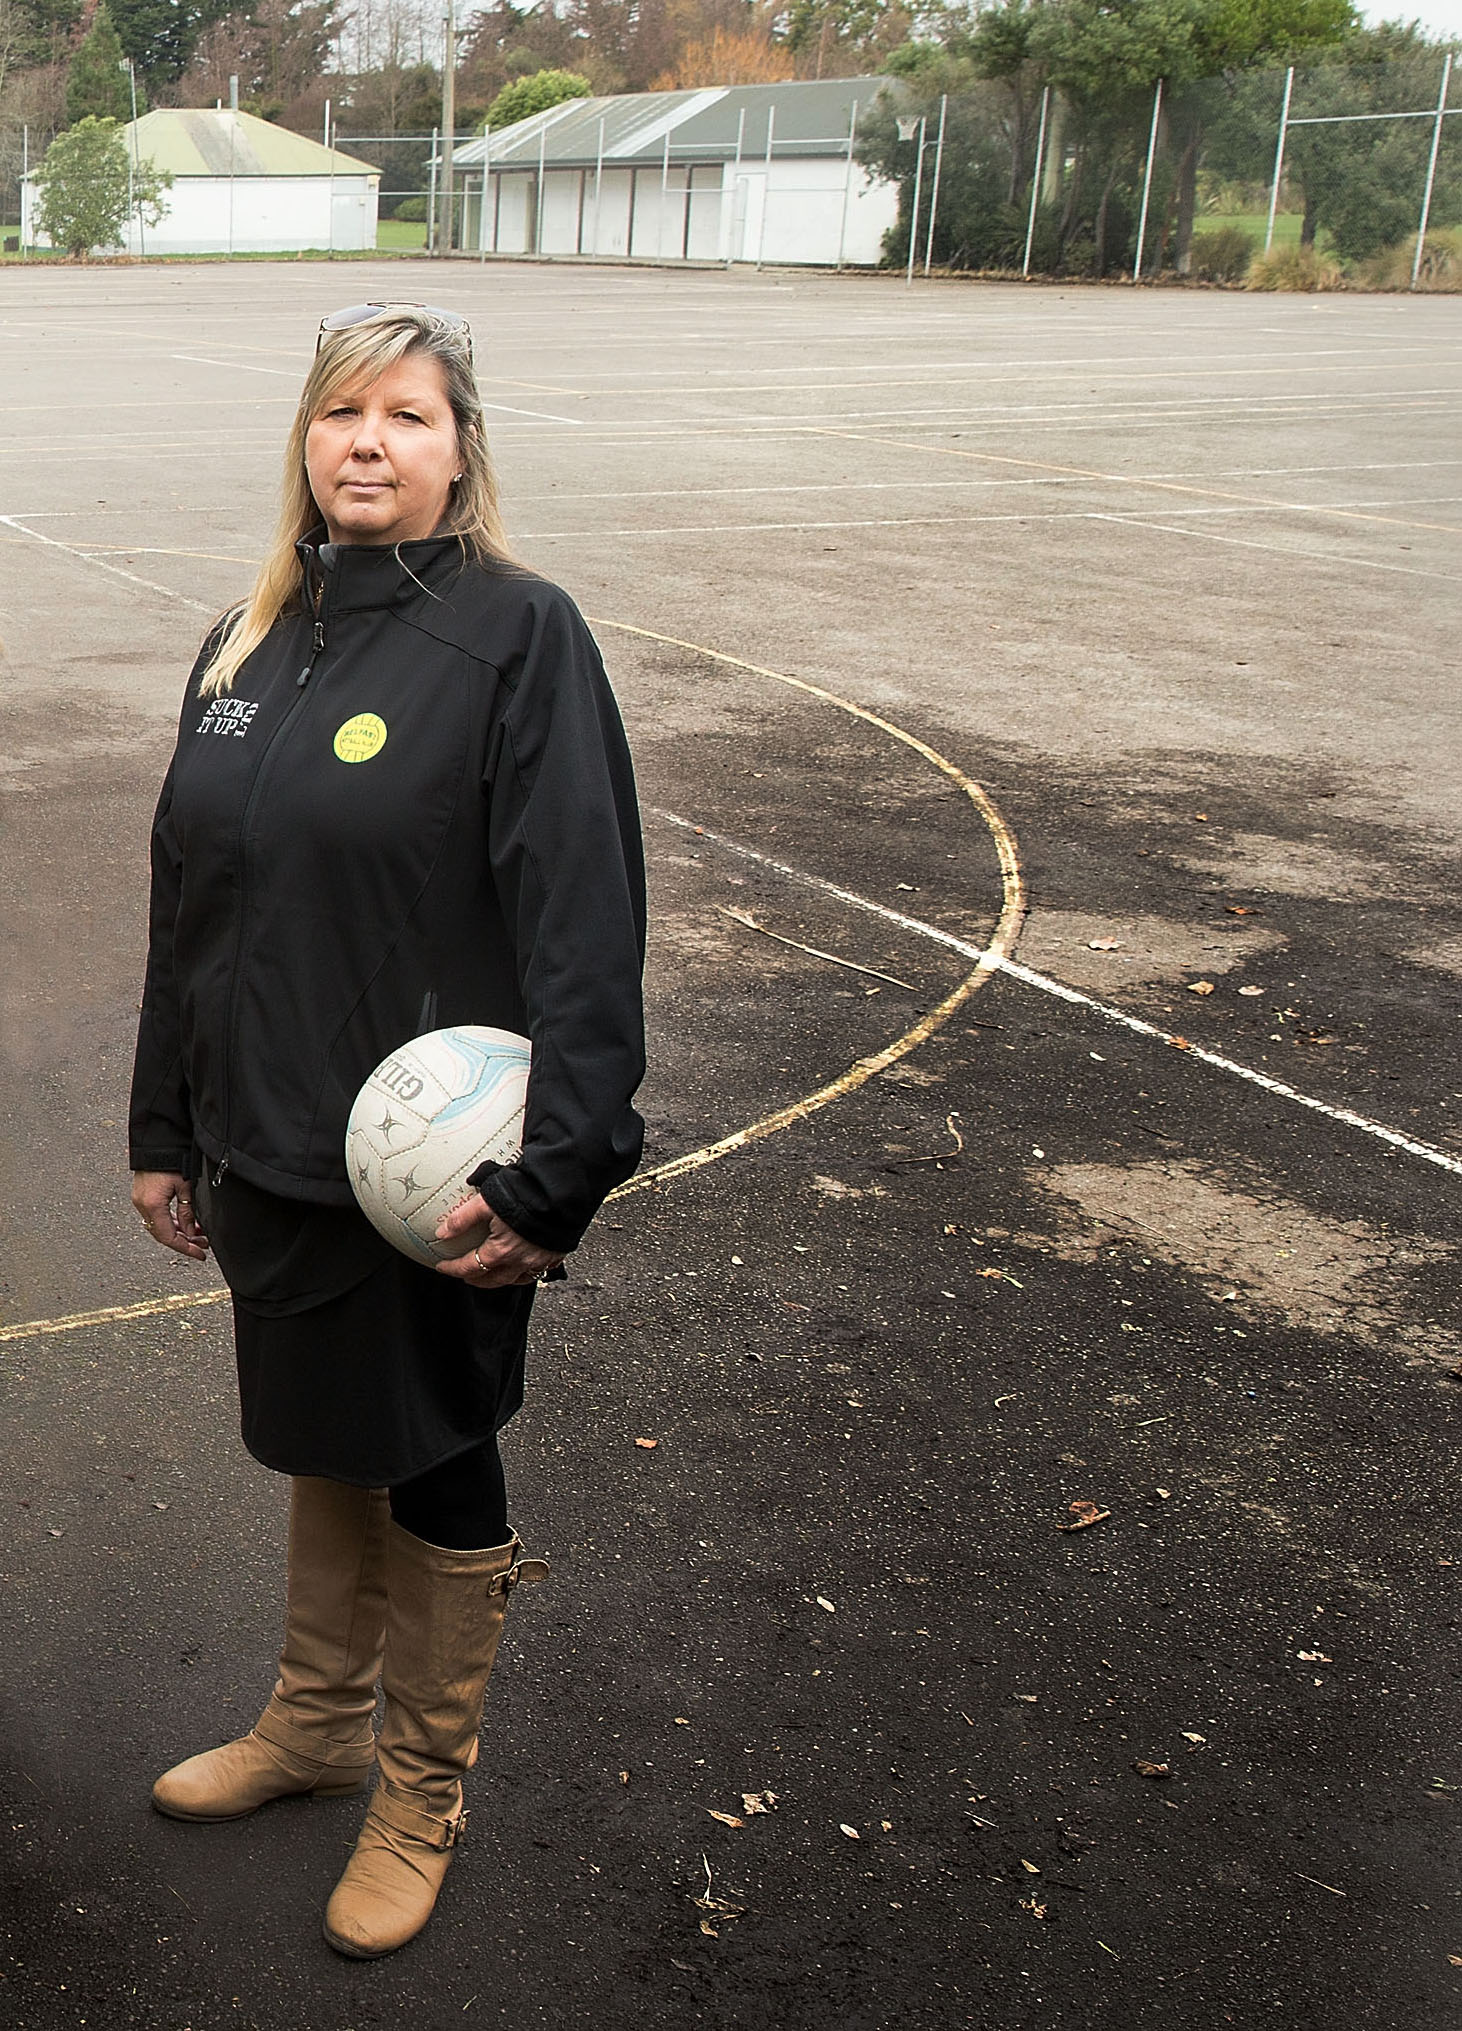 Belfast Netball Club president Karen Ellis. Photo: Martin Hunter